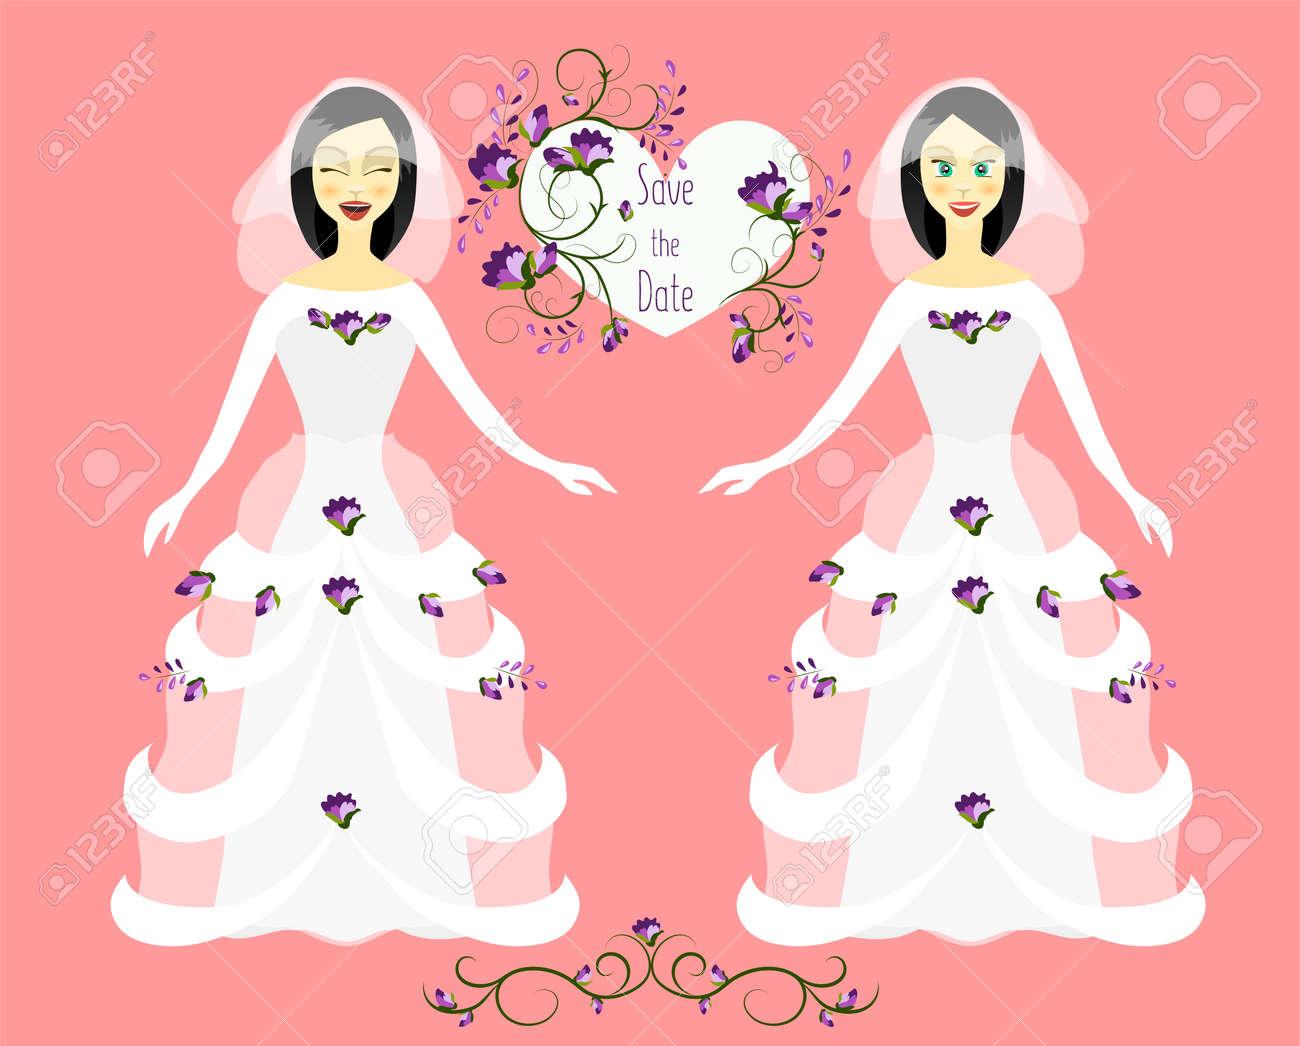 Guardar Ilustración De Fecha Día De La Boda Plano Doodle Arreglo Floral De Flores Estilizadas Muchacha En El Vestido De Boda Blanco Con Las